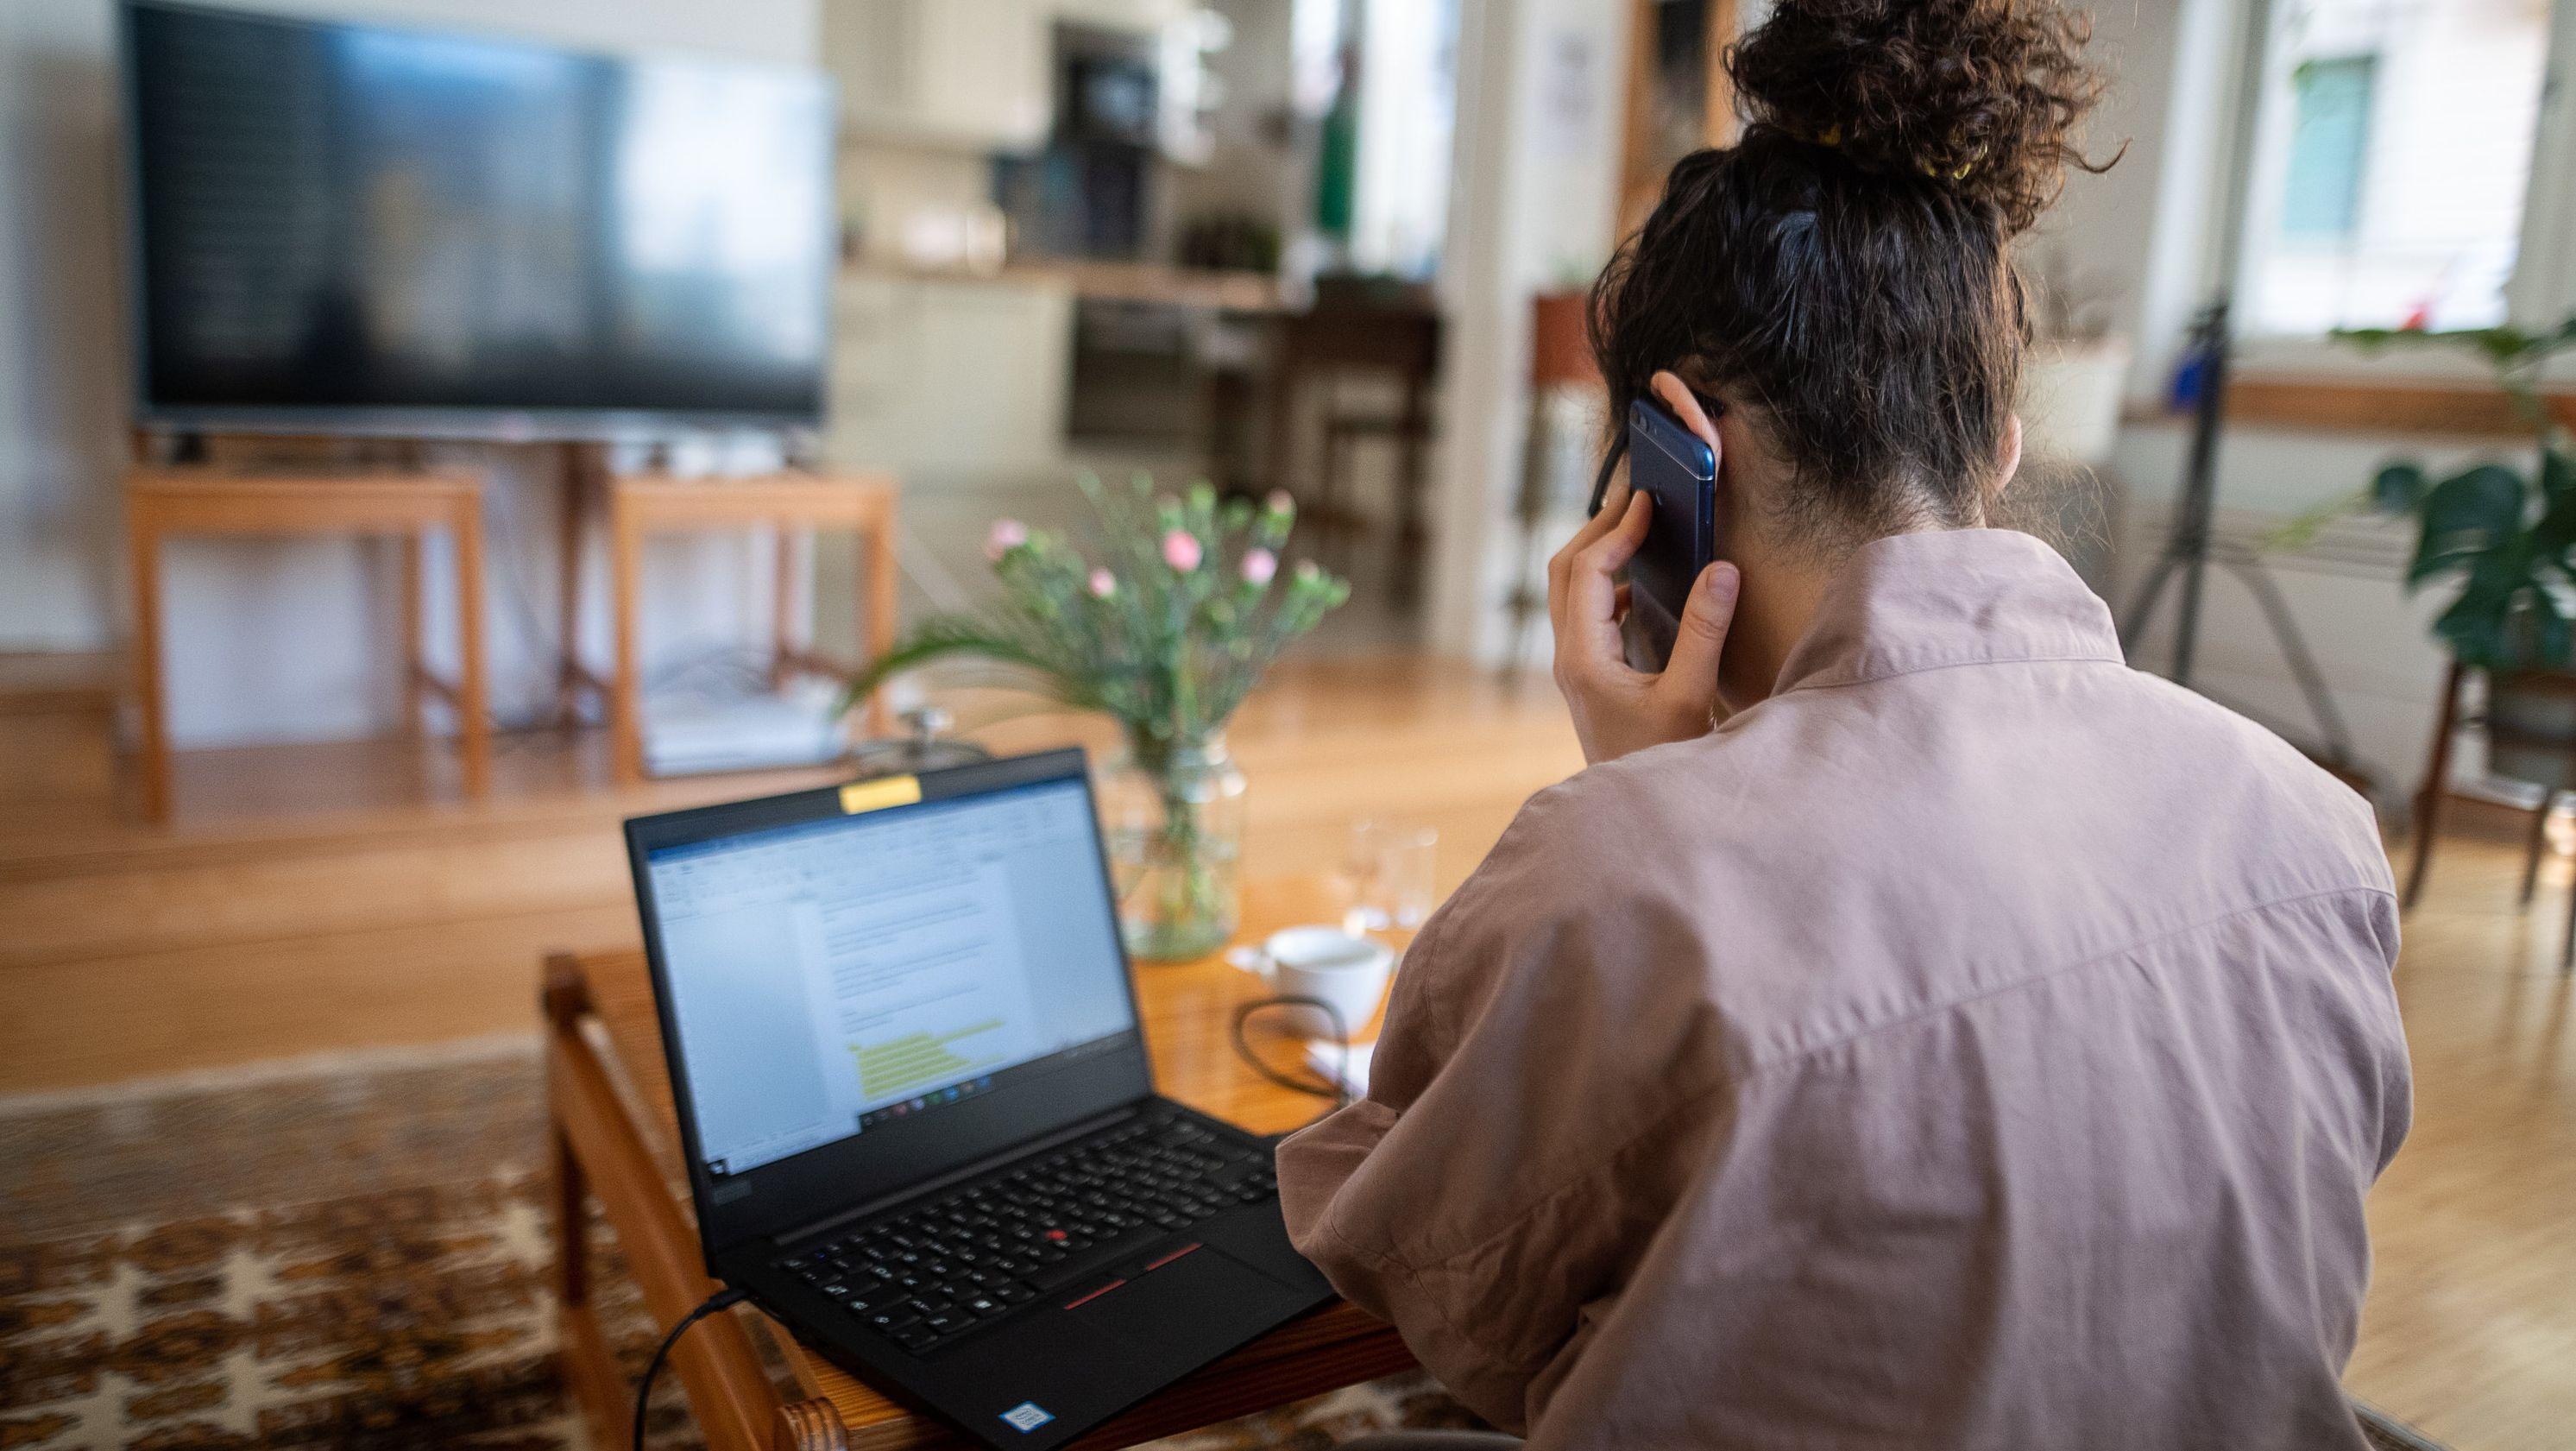 Eine Frau nimmt aufgrund der Ausbreitung des Coronaviruses aus ihrem Wohnzimmer an einer Telefonkonferenz teil und hat einen aufgeklappten Laptop vor sich..